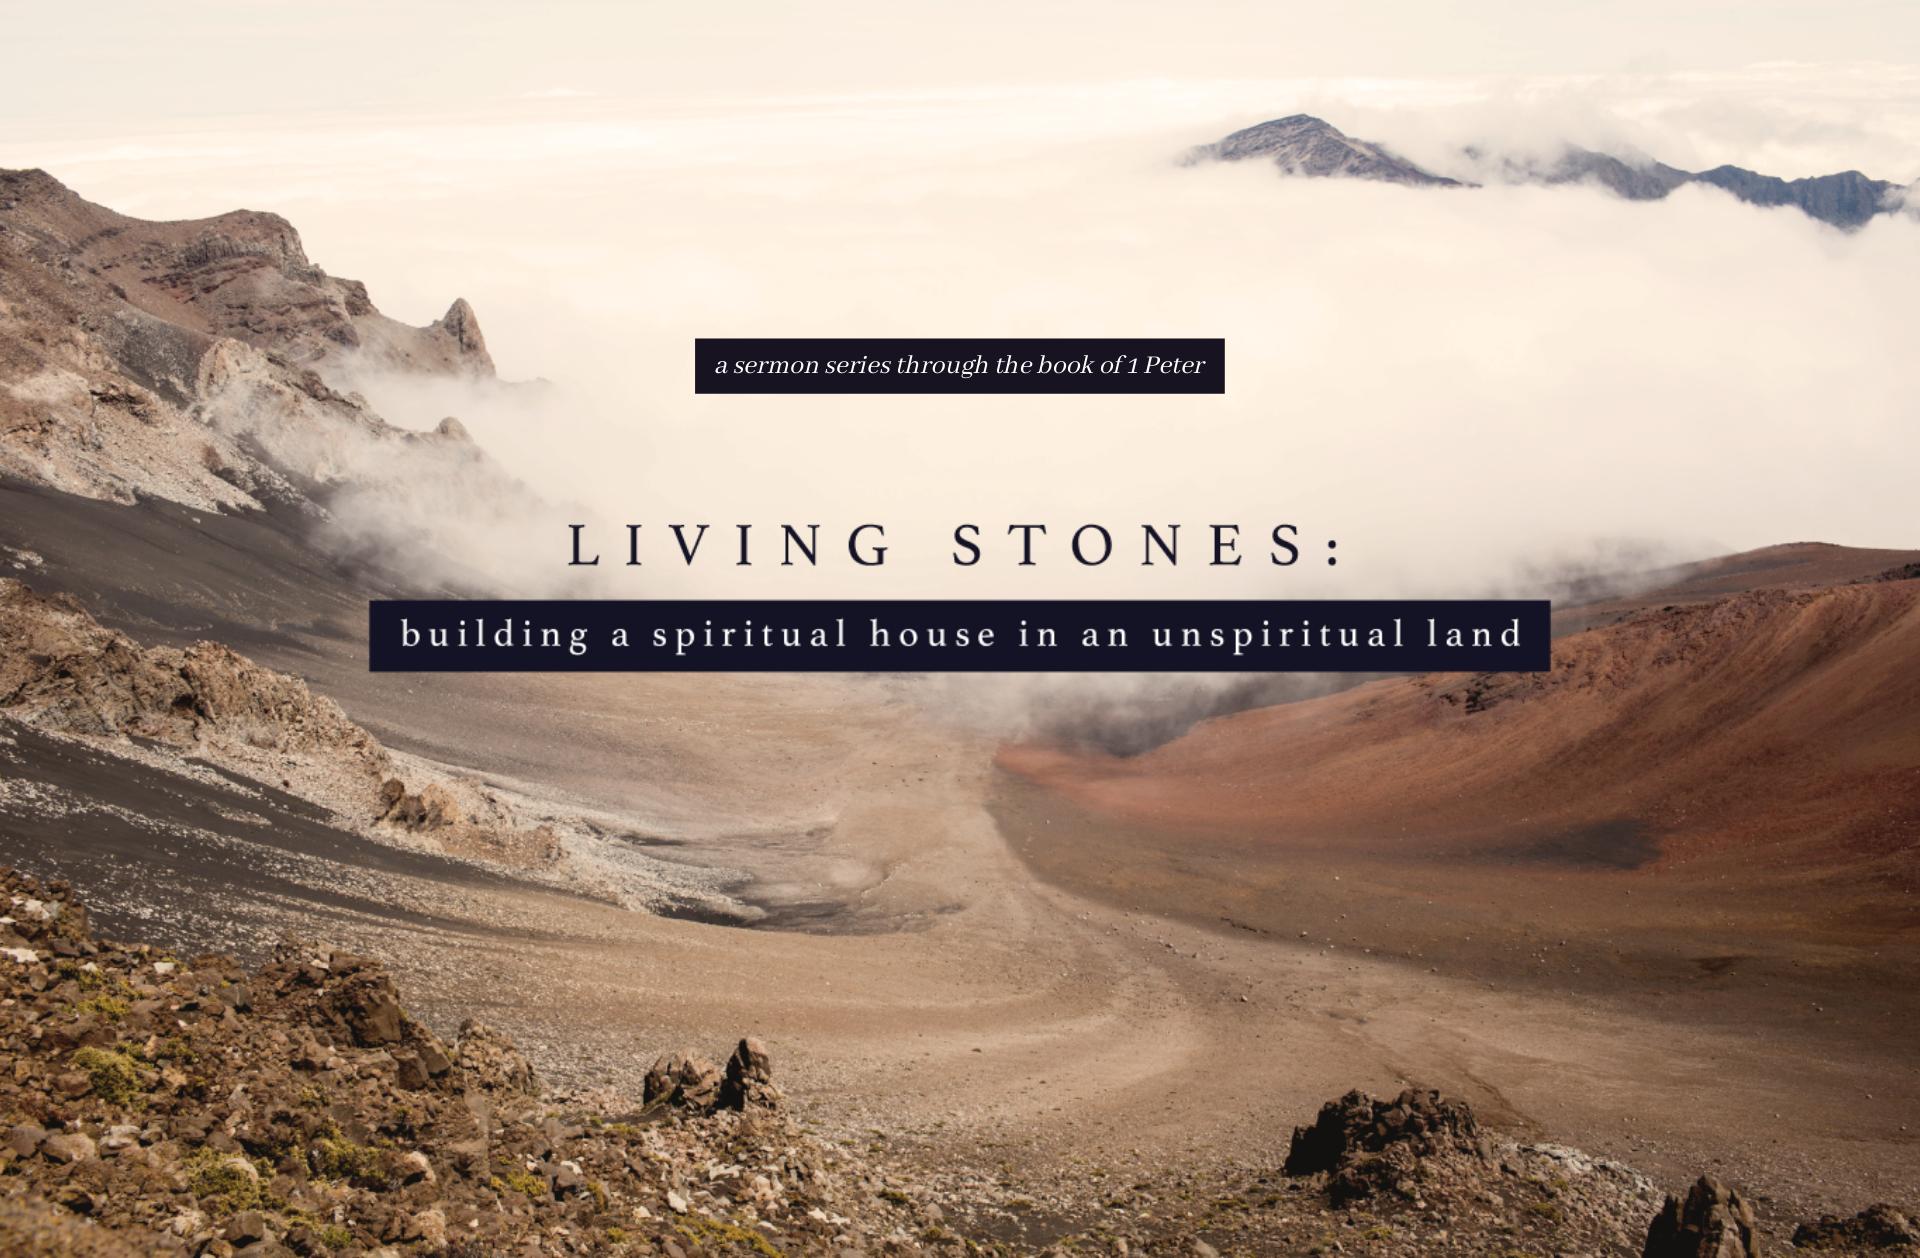 a sermon series through the book of 1 Pe